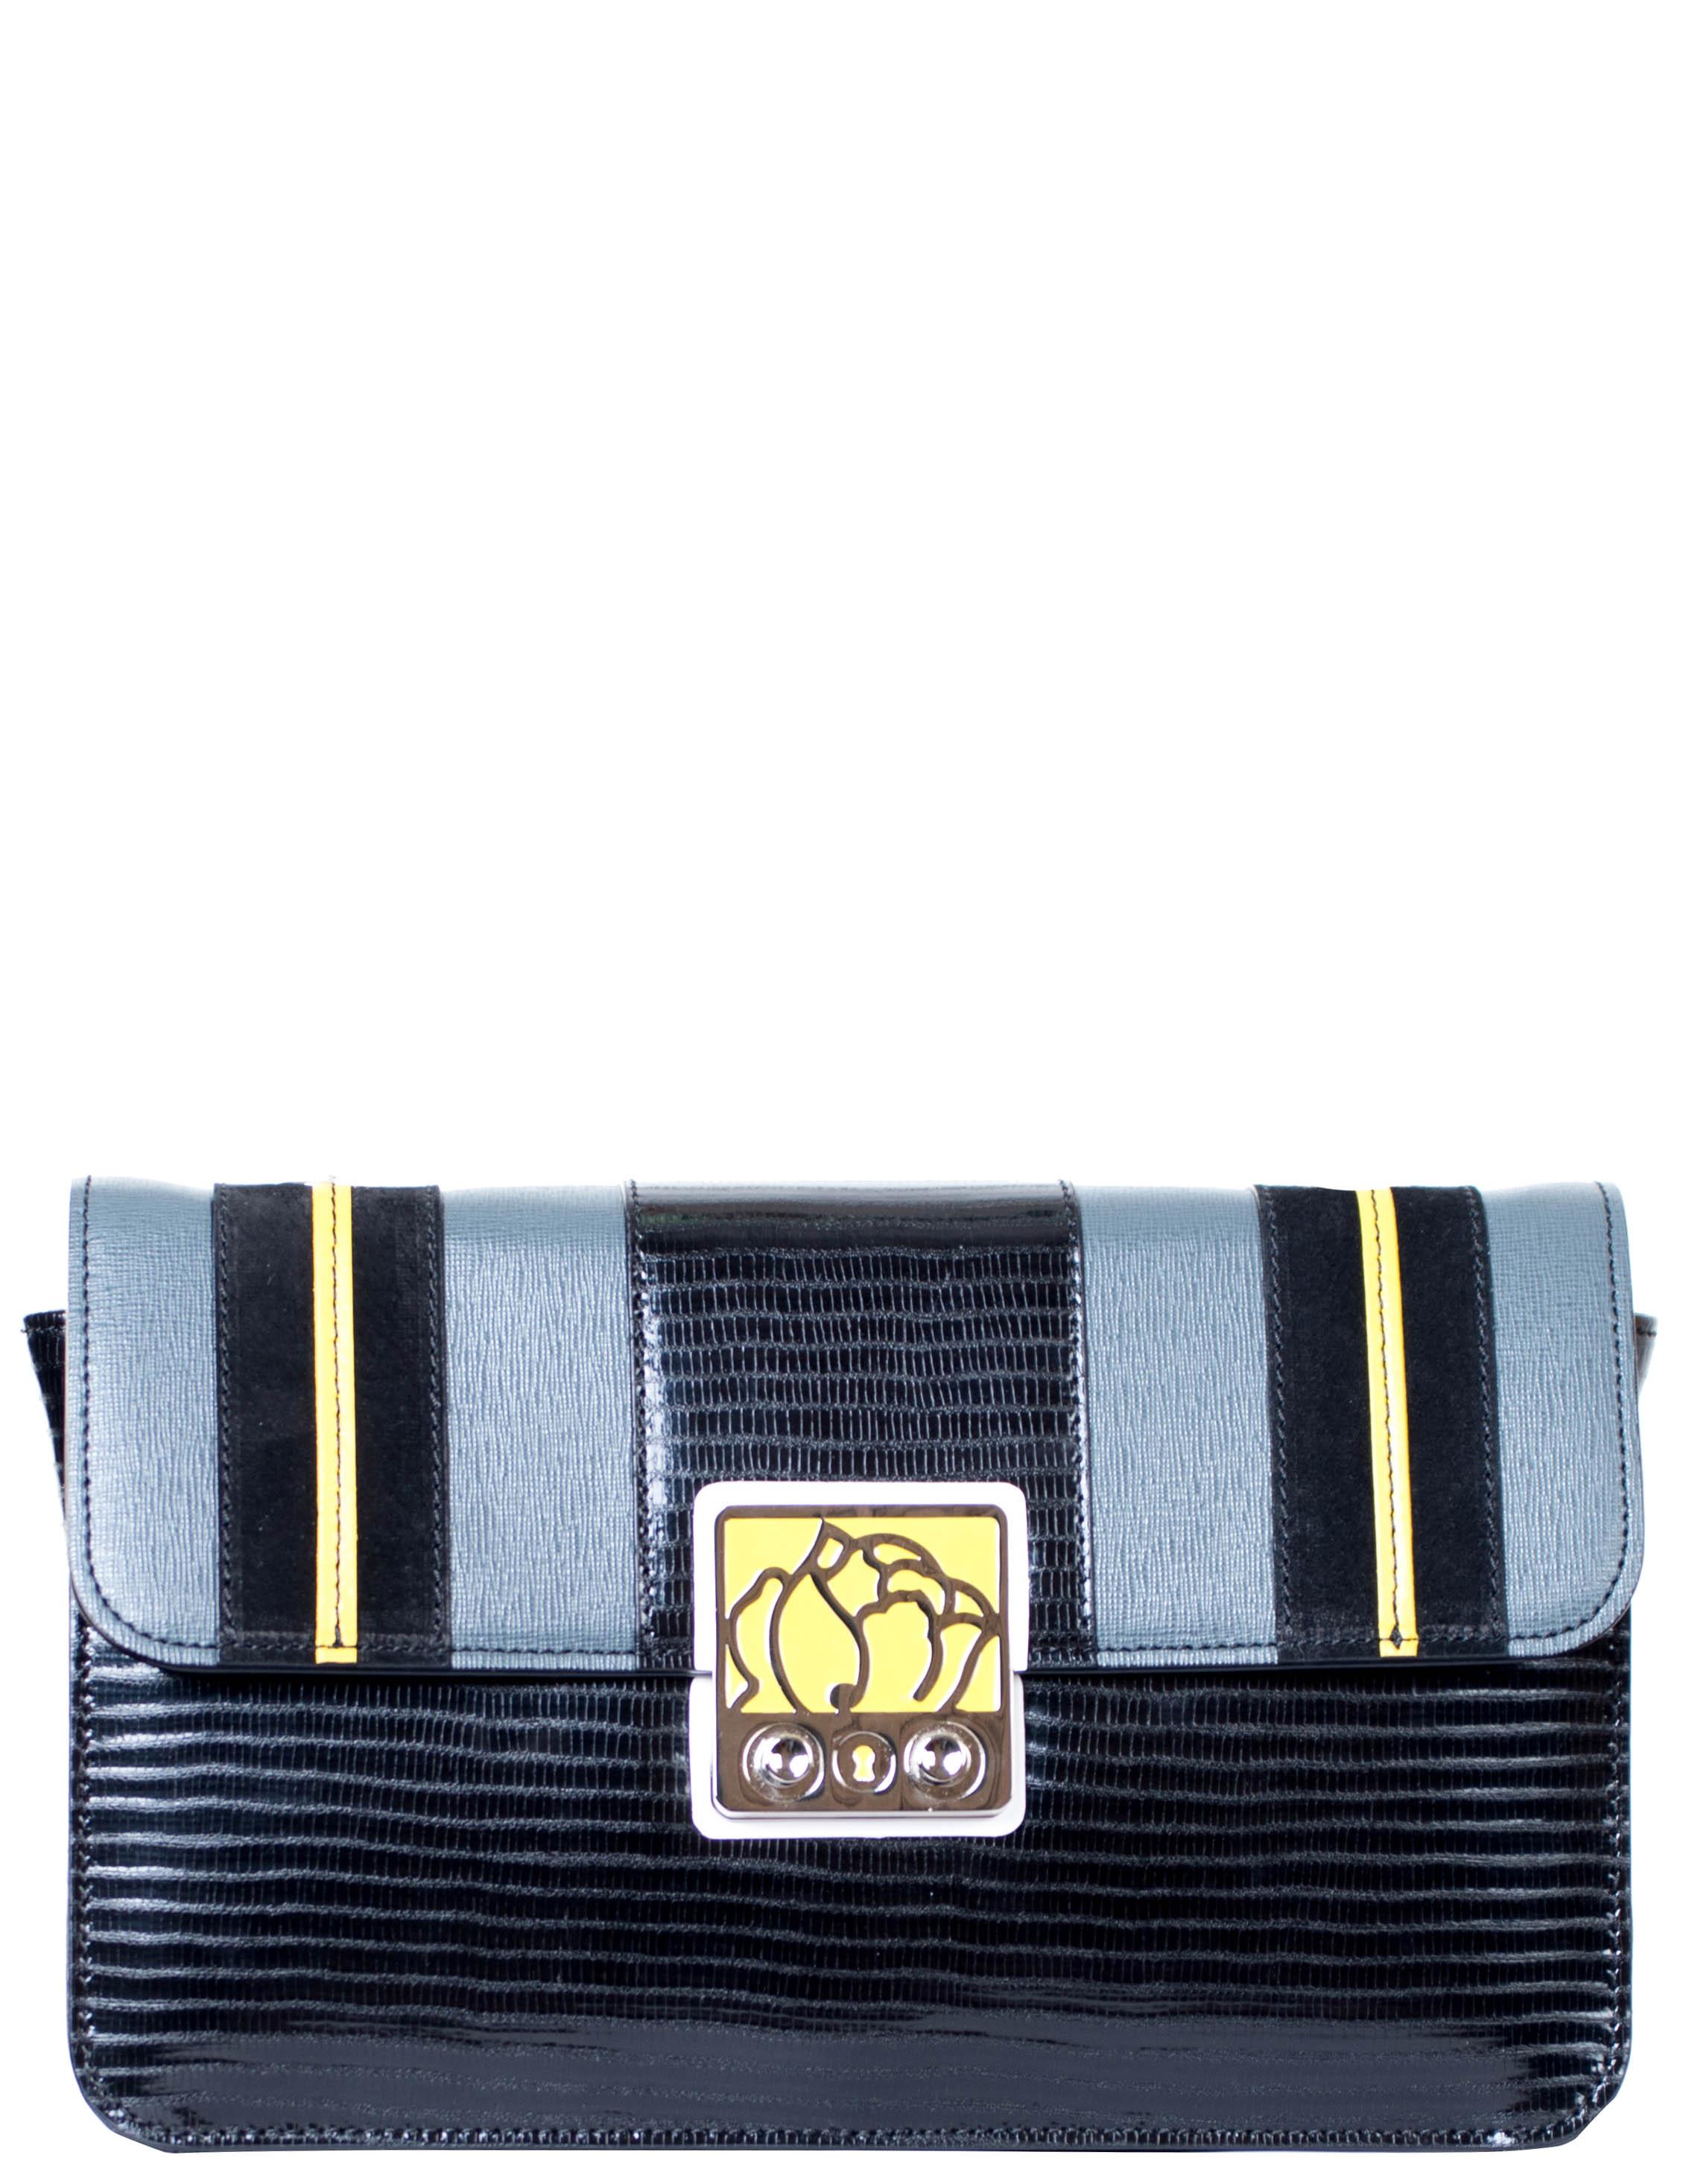 Купить Женские сумки, Сумка, BRACCIALINI, Черный, Осень-Зима